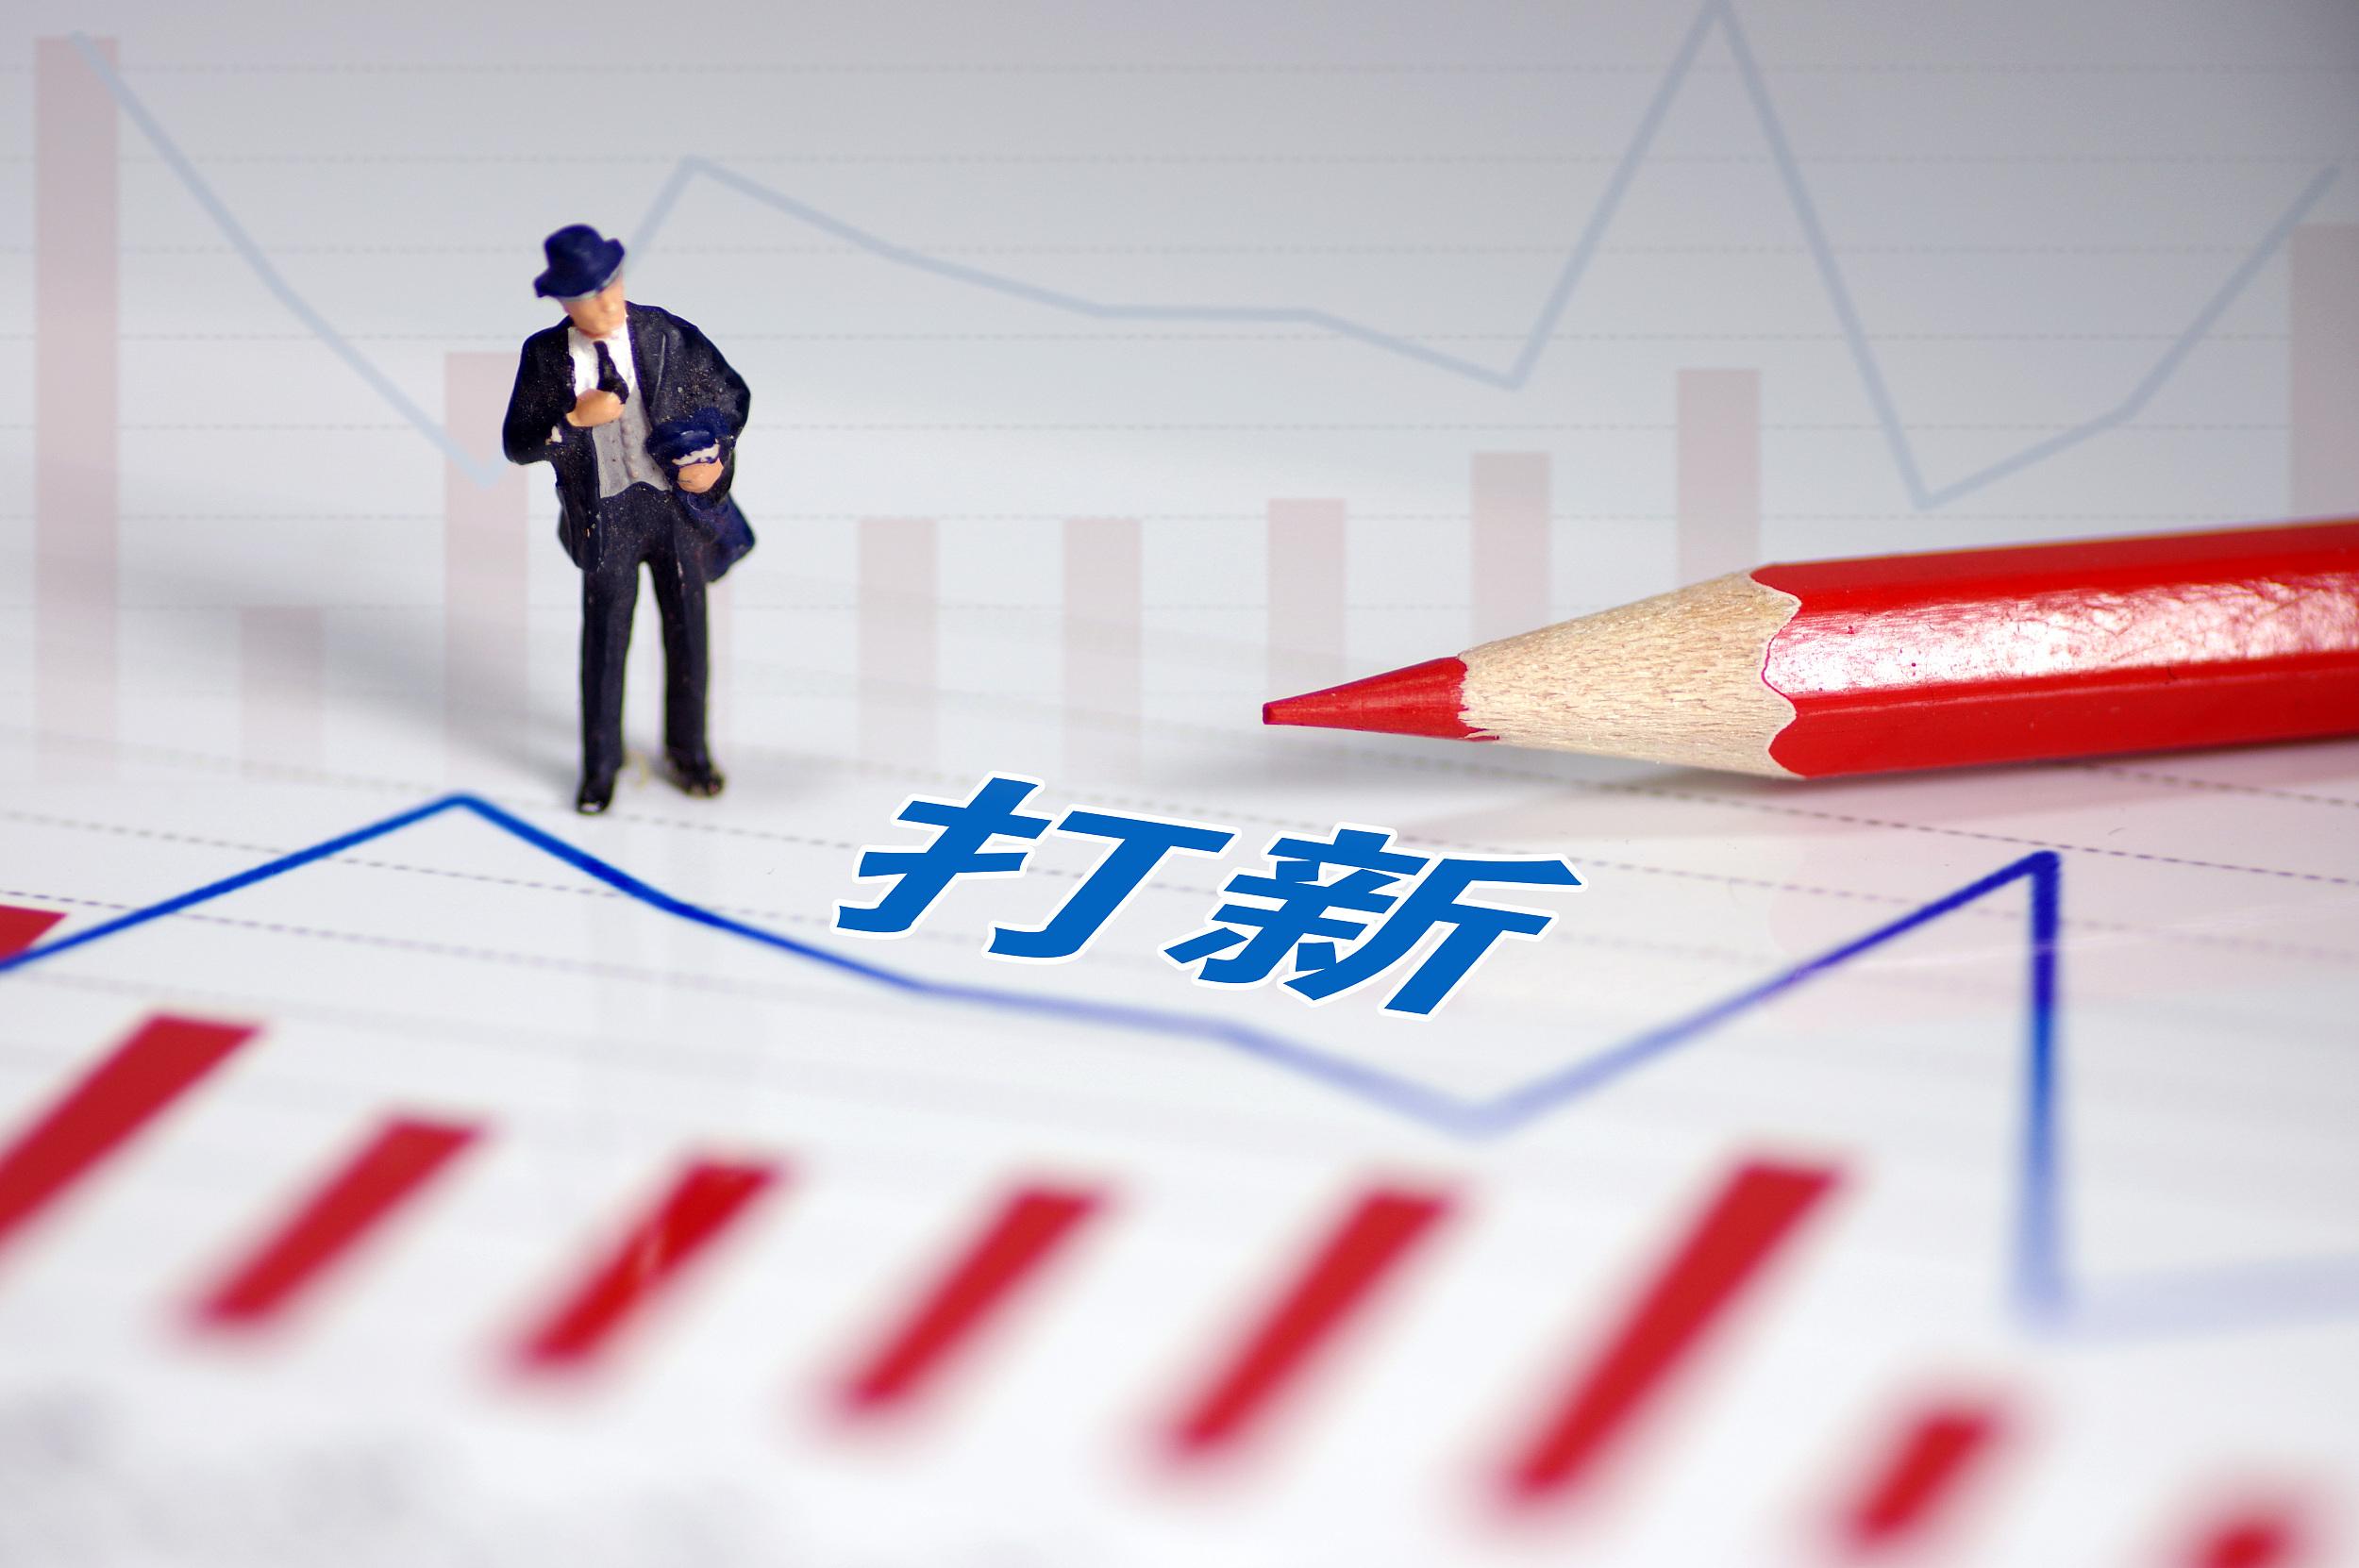 10月精选层新股数增至12只,打新冻结资金规模或超2000亿